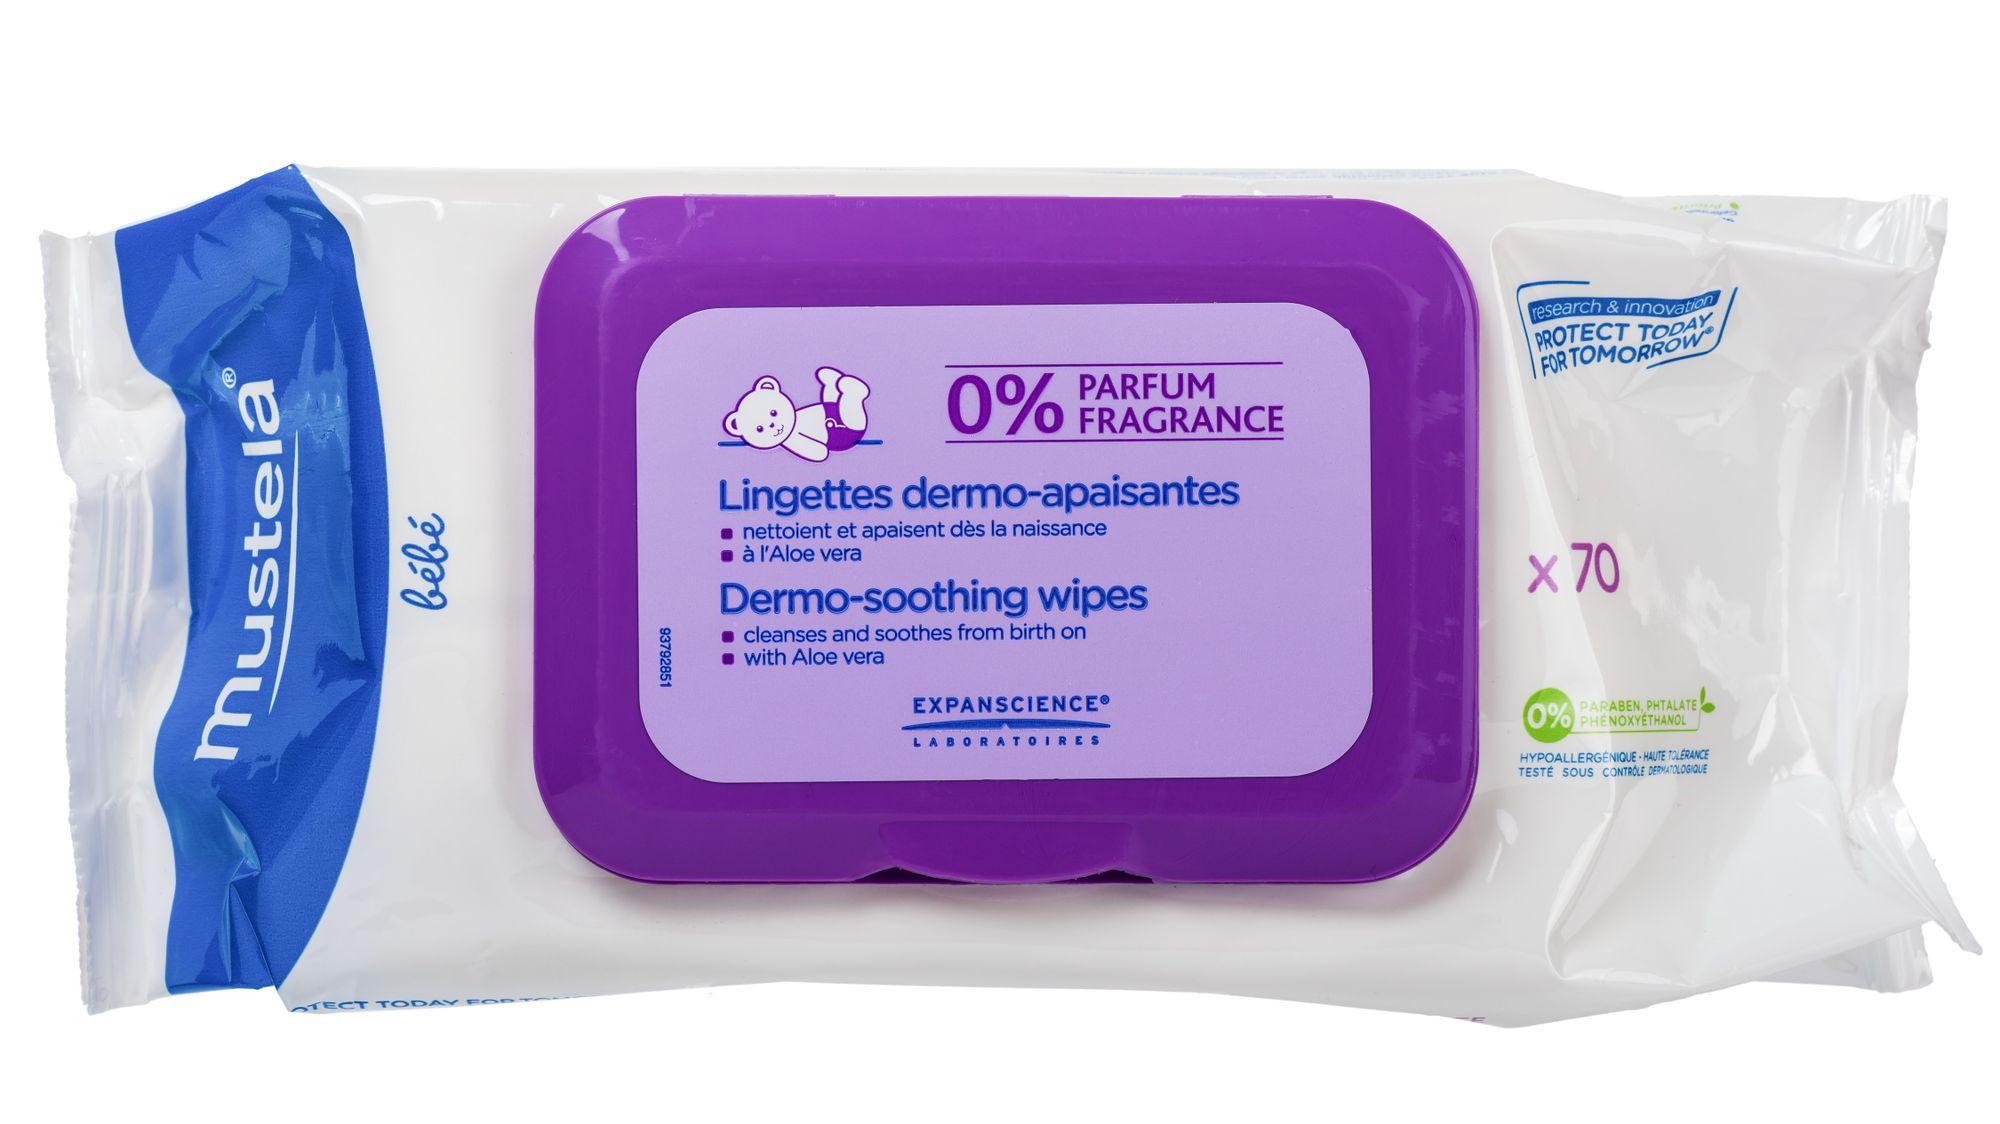 Mustela cалфетки очищающие и смягчающие для тела детские, салфетки, 70 шт.